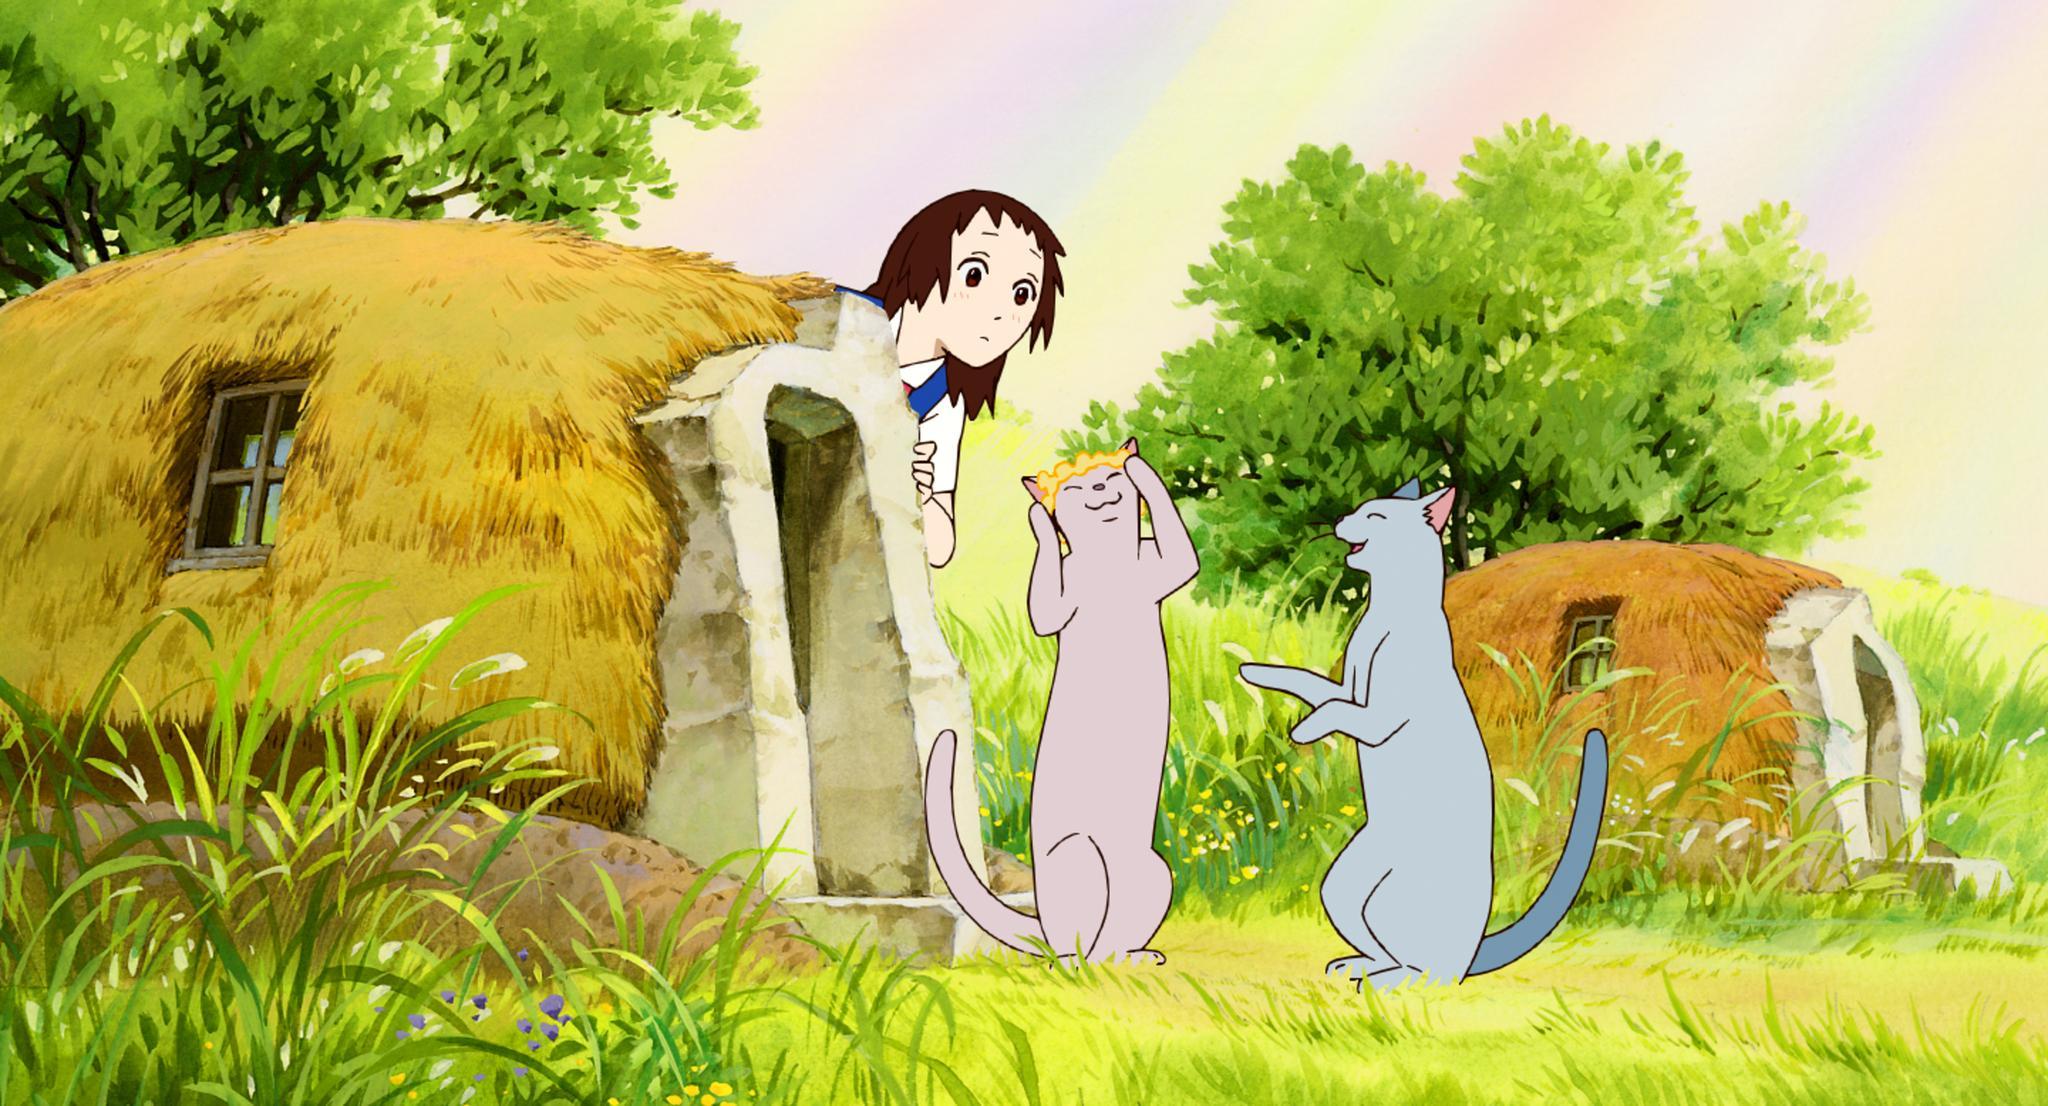 Возвращение кота смотреть онлайн хаяо миядзаки